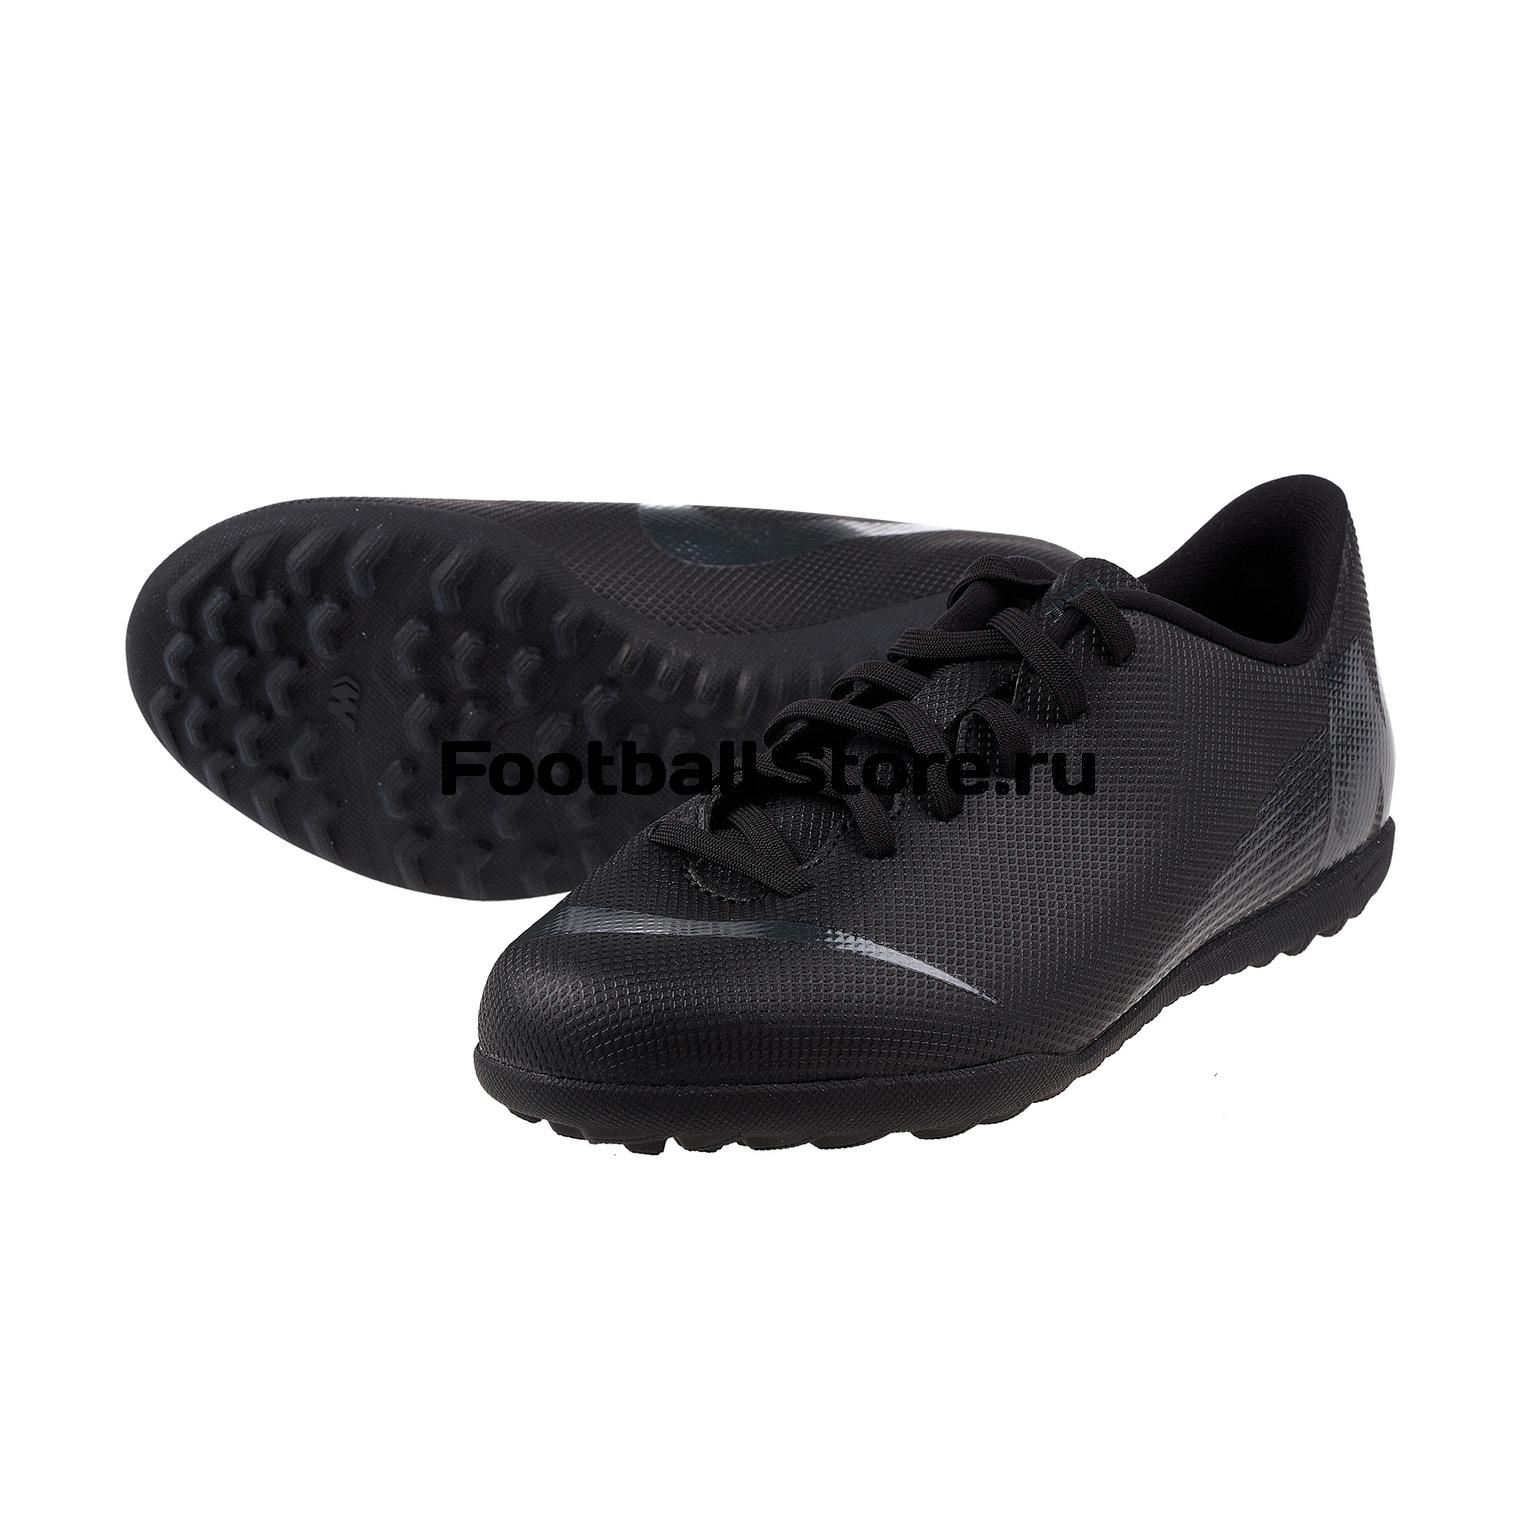 Шиповки детские Nike Vapor 12 Club GS TF AH7355-001 цена